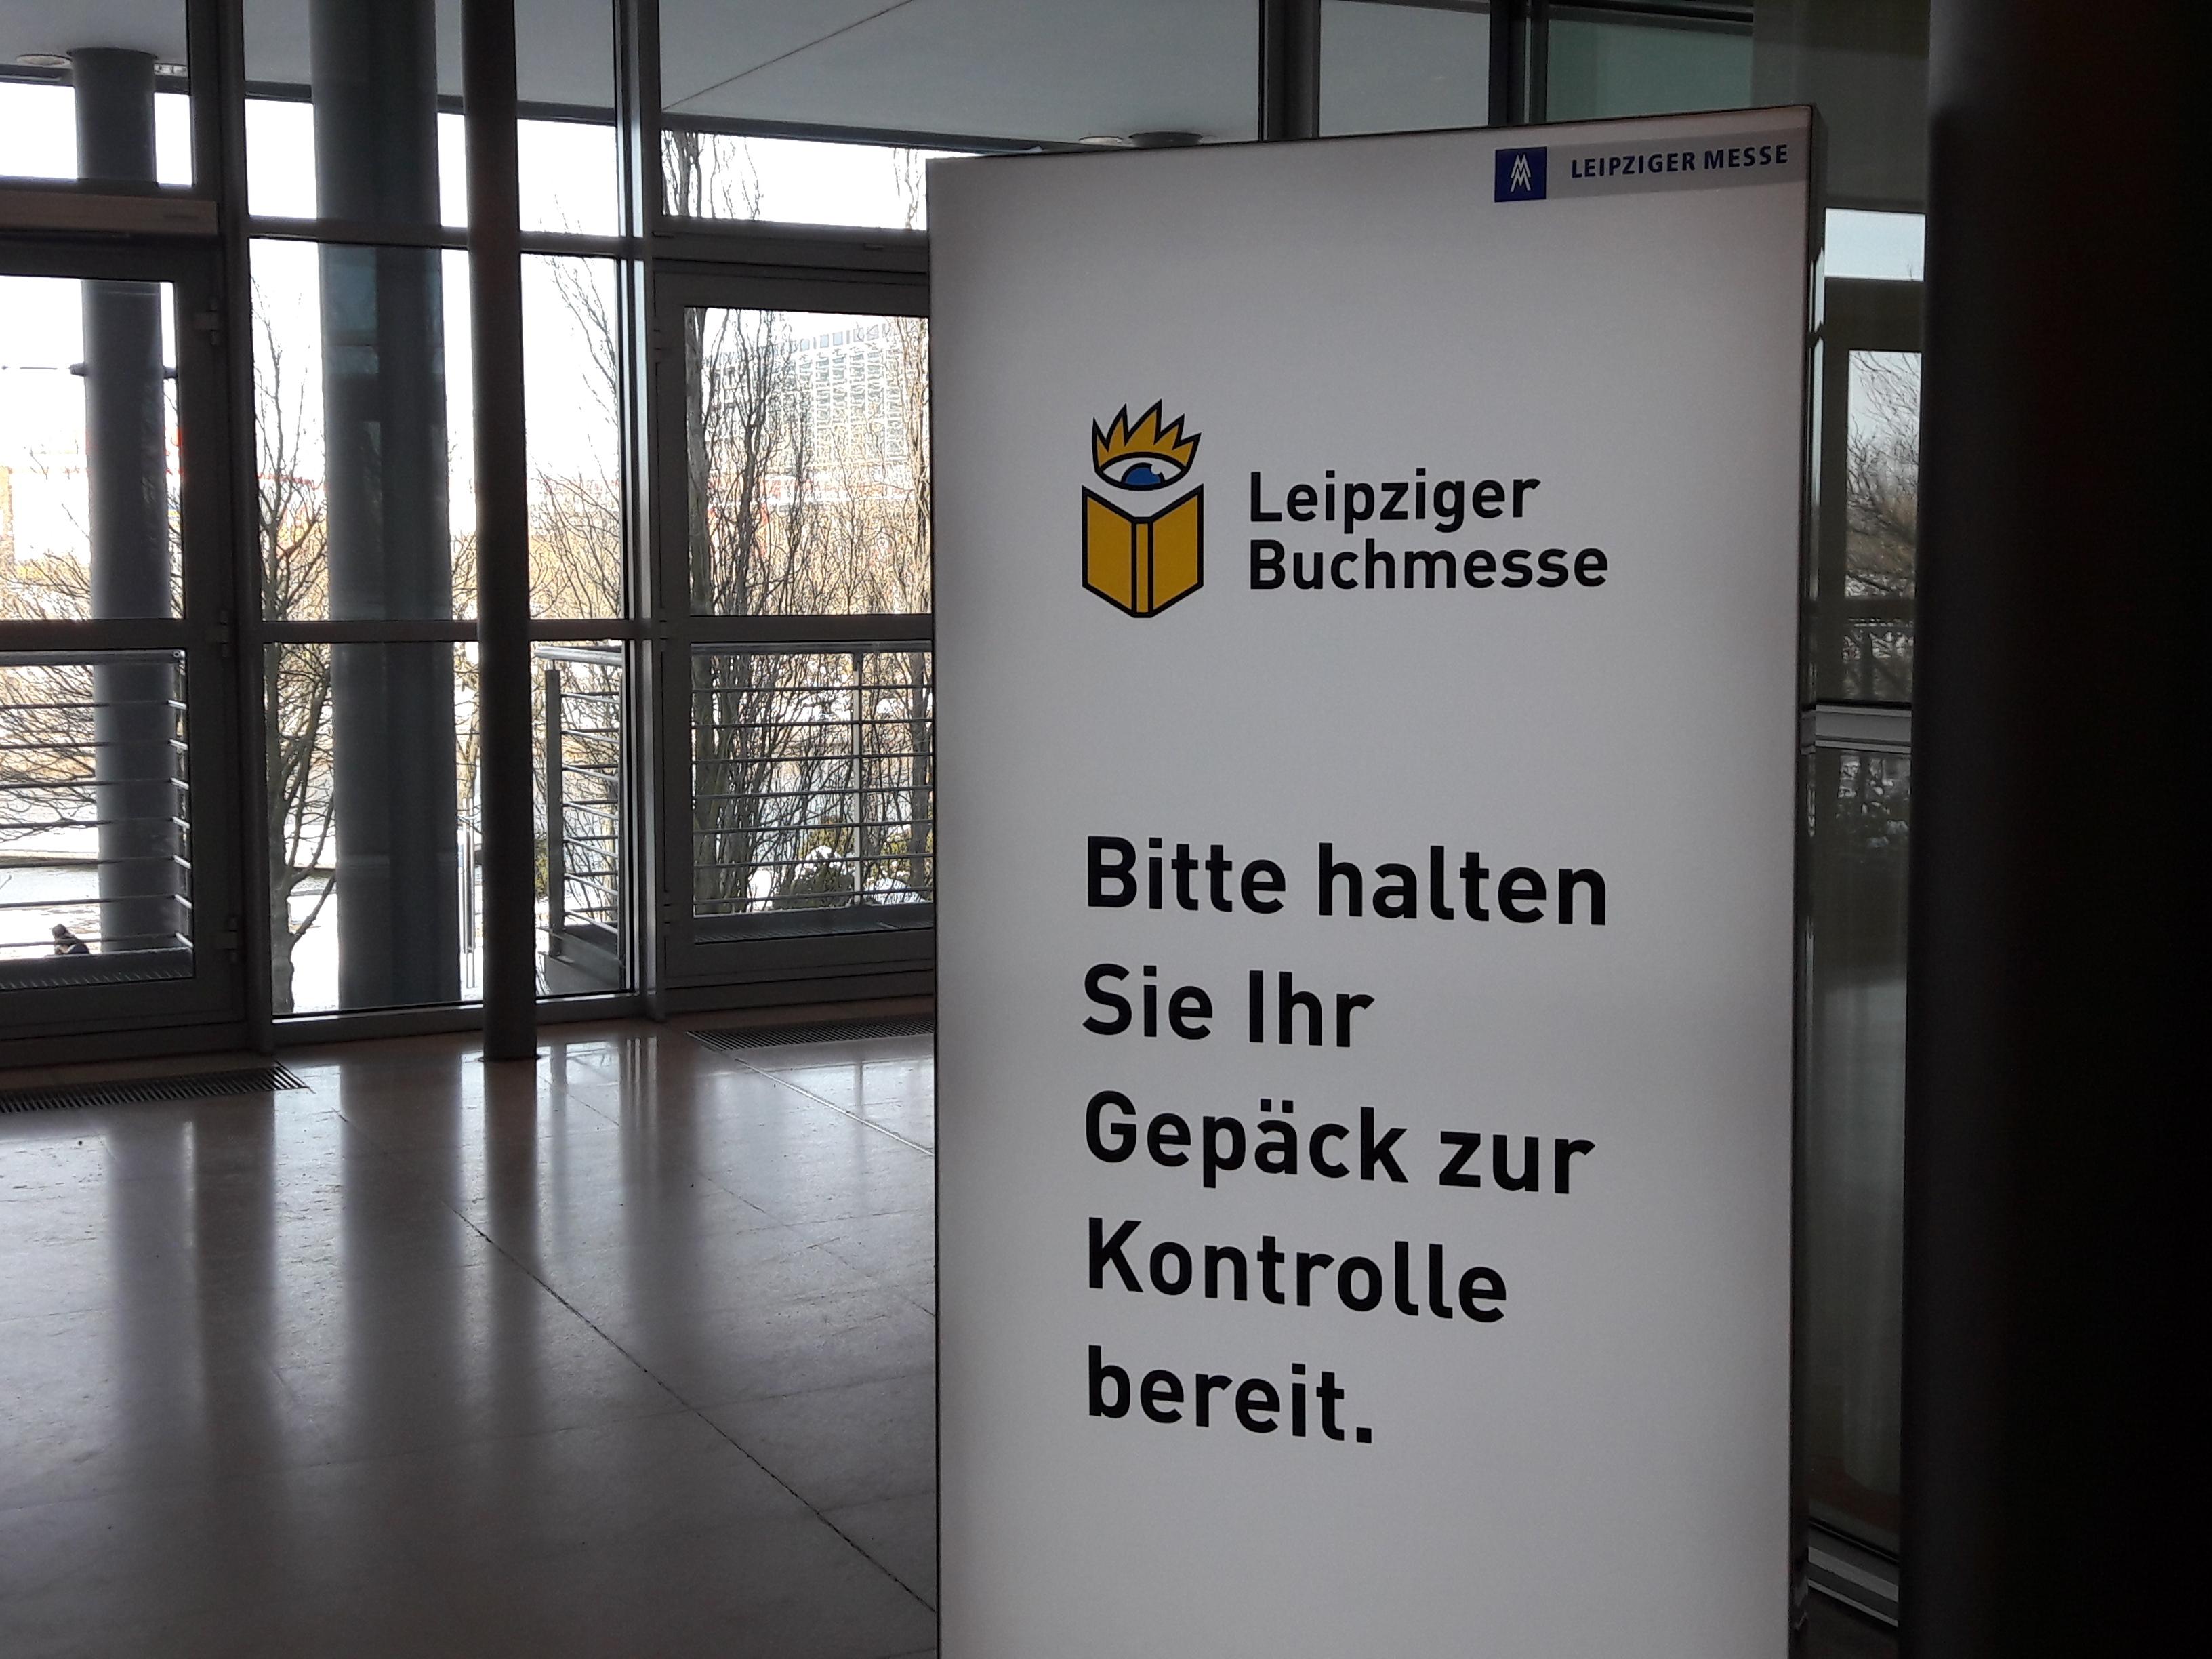 Dies ist meine erste Leipziger Buchmesse mit Taschenkontrolle.